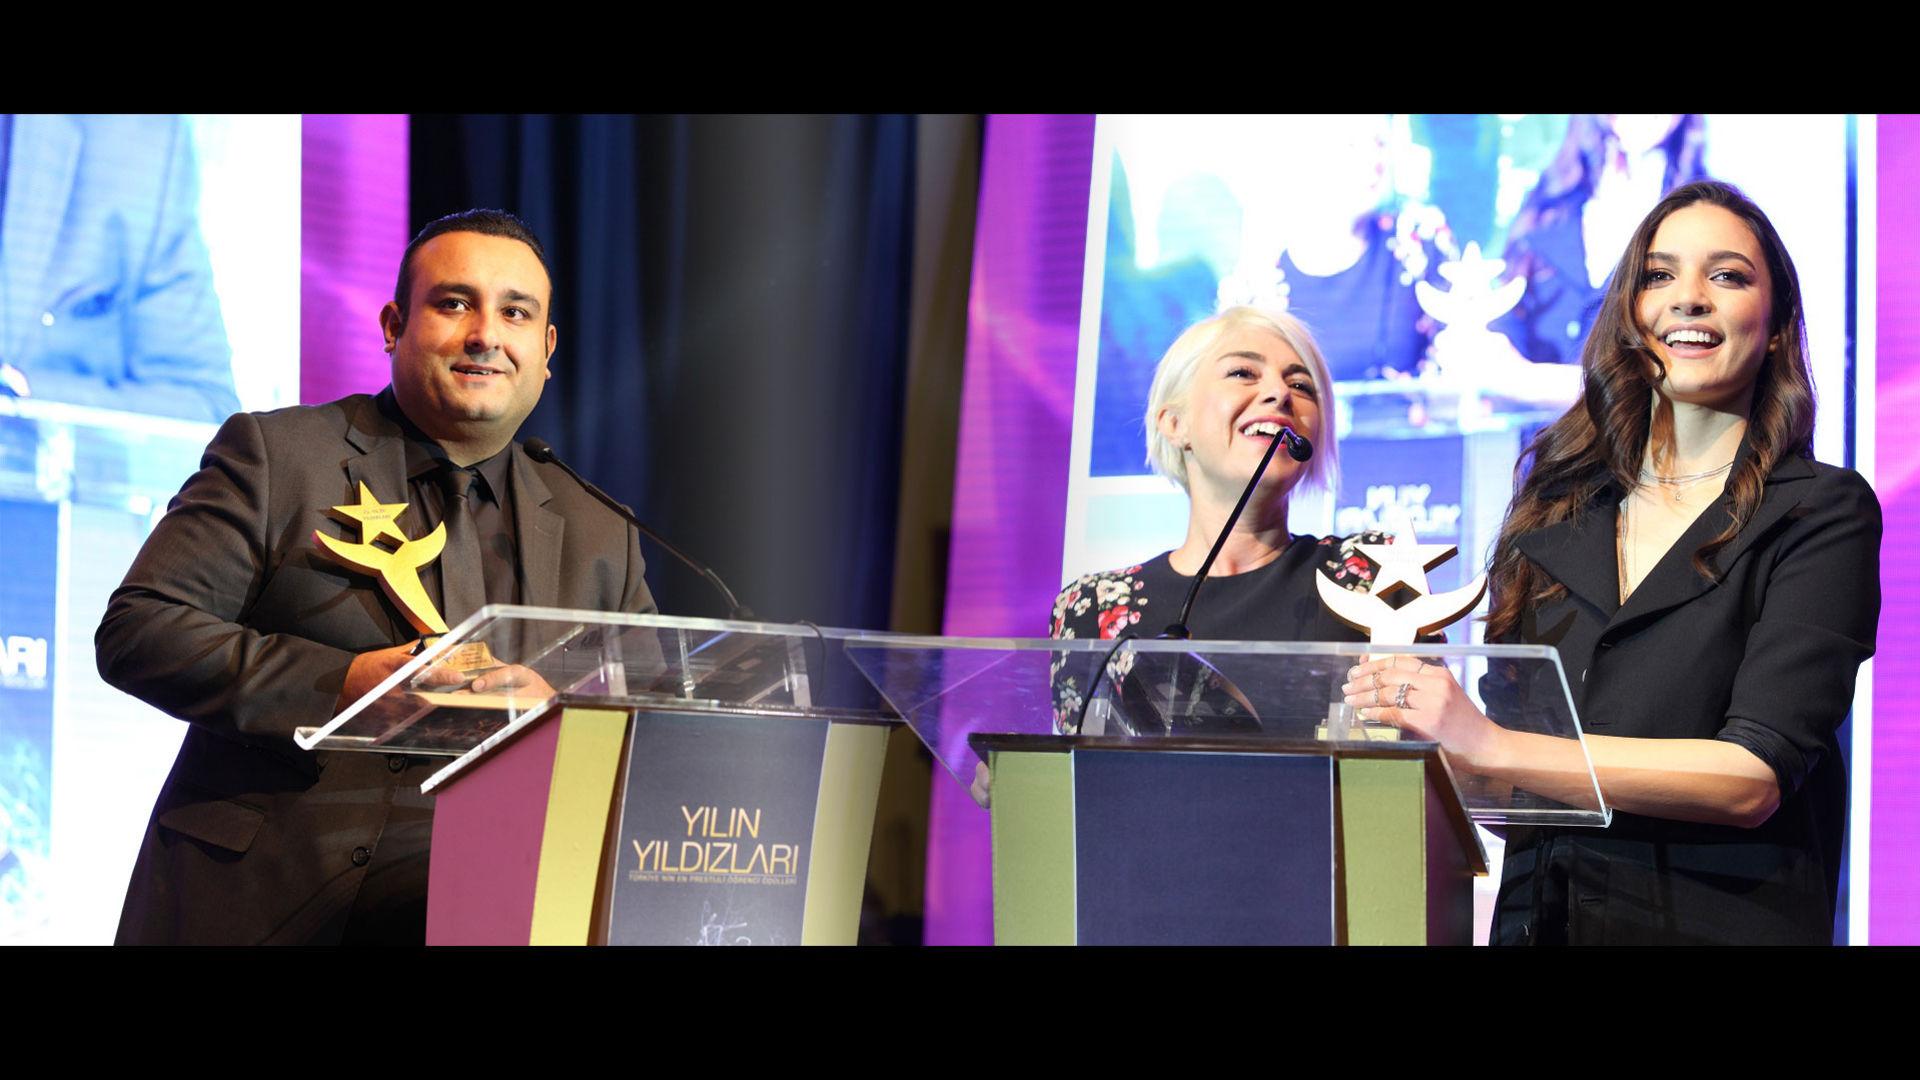 Yılın Yıldızları'ndan Show TV'ye iki ödül birden!